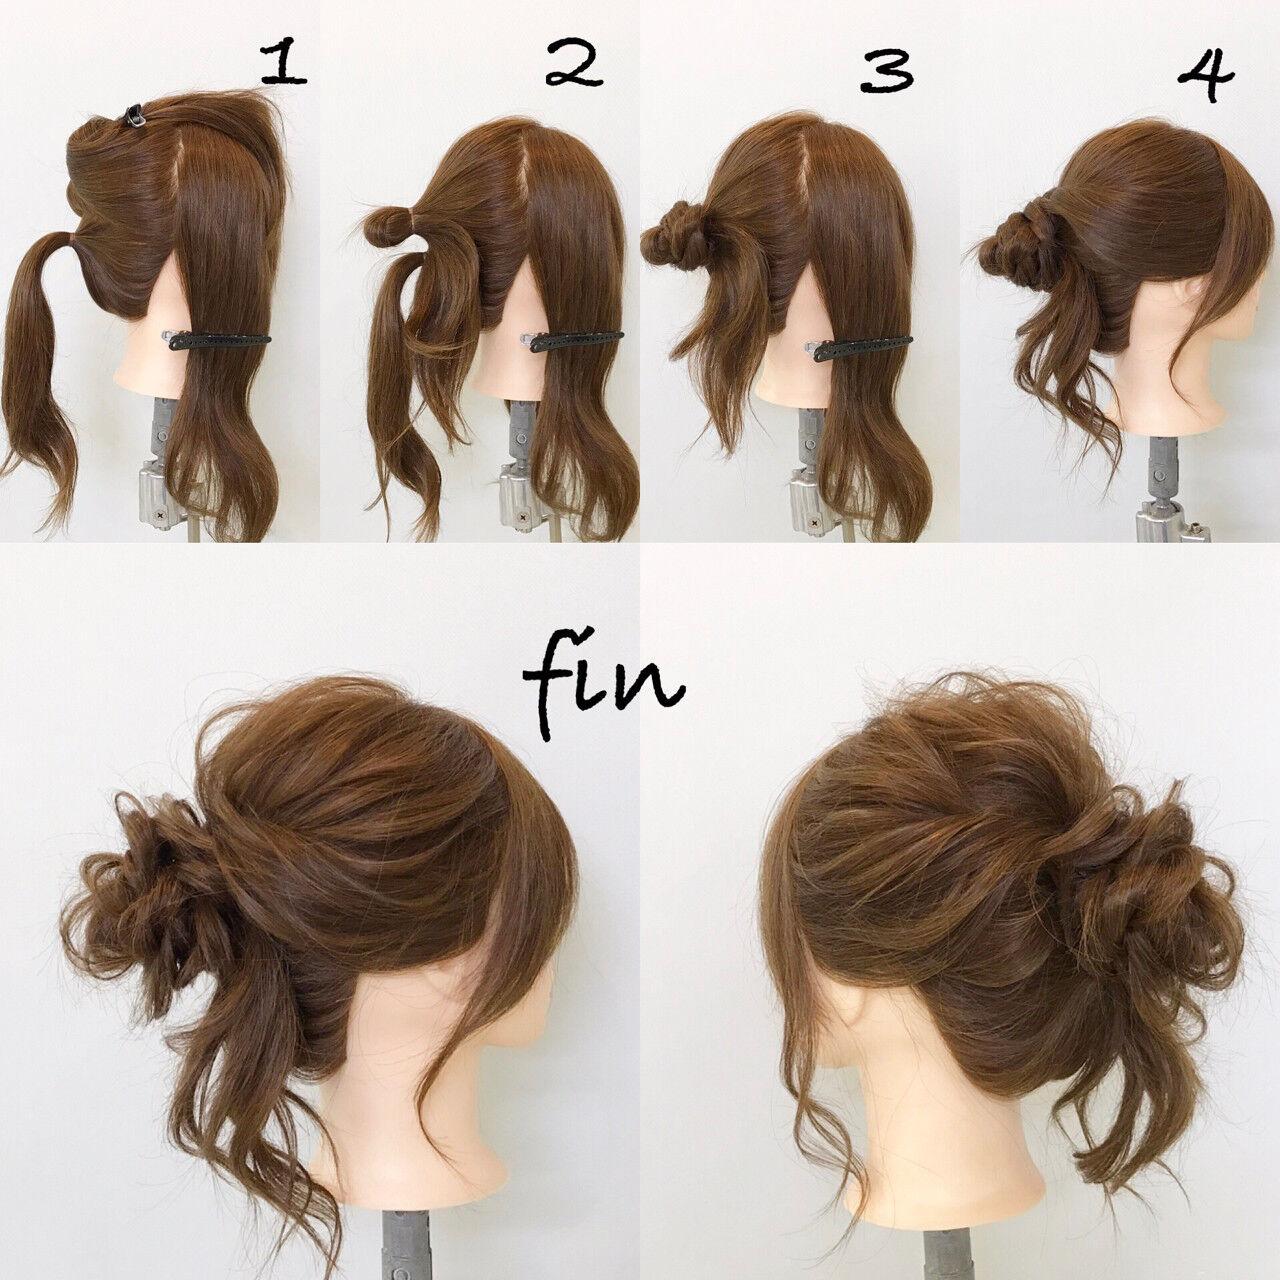 デート ゆるふわ ロング 簡単ヘアアレンジヘアスタイルや髪型の写真・画像